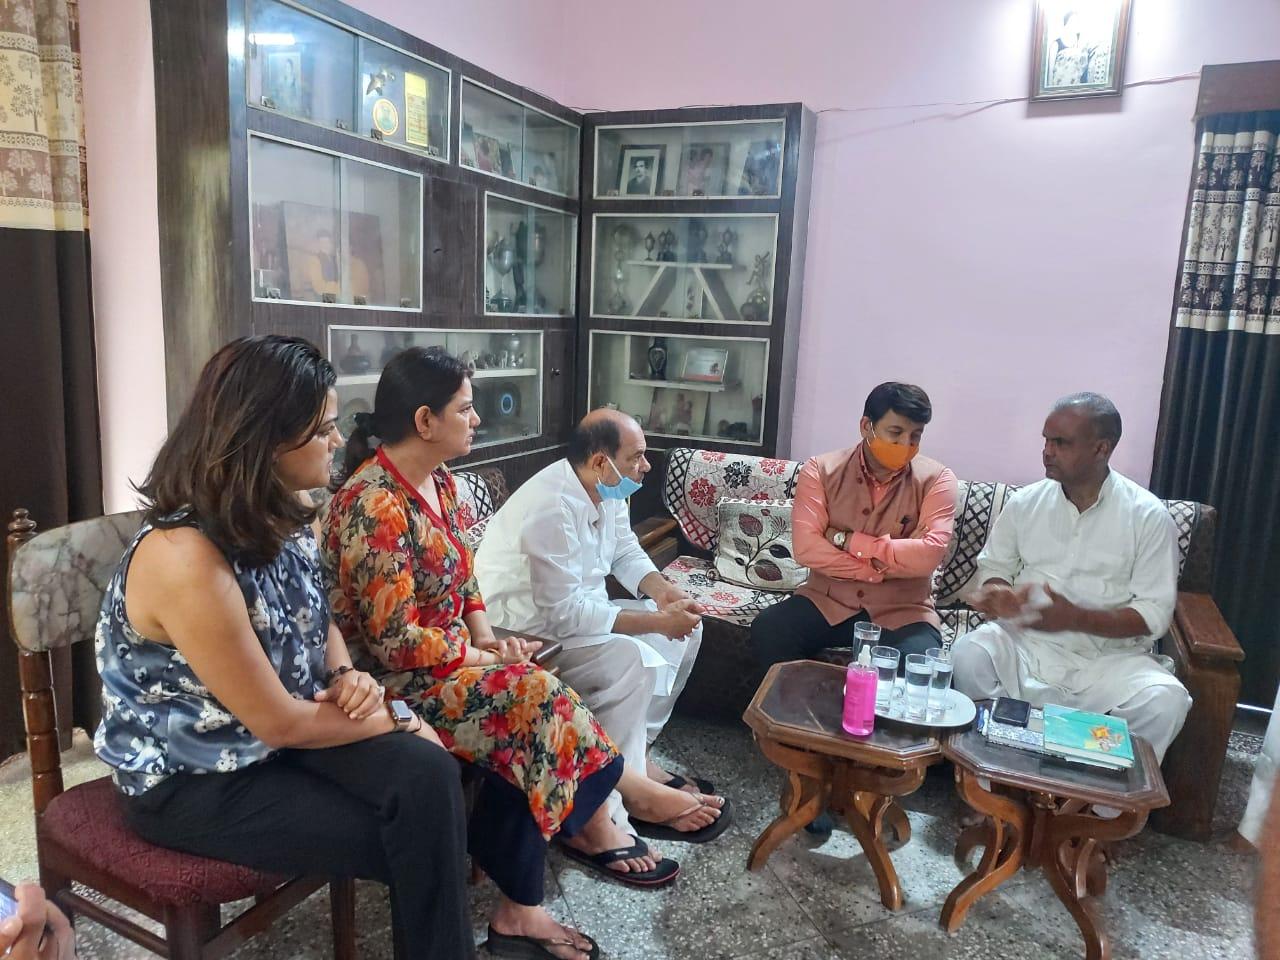 सुशांत सिंह राजपूत मामले में सांसद व अभिनेता मनोज तिवारी ने की सीबीआई जांच की मांग